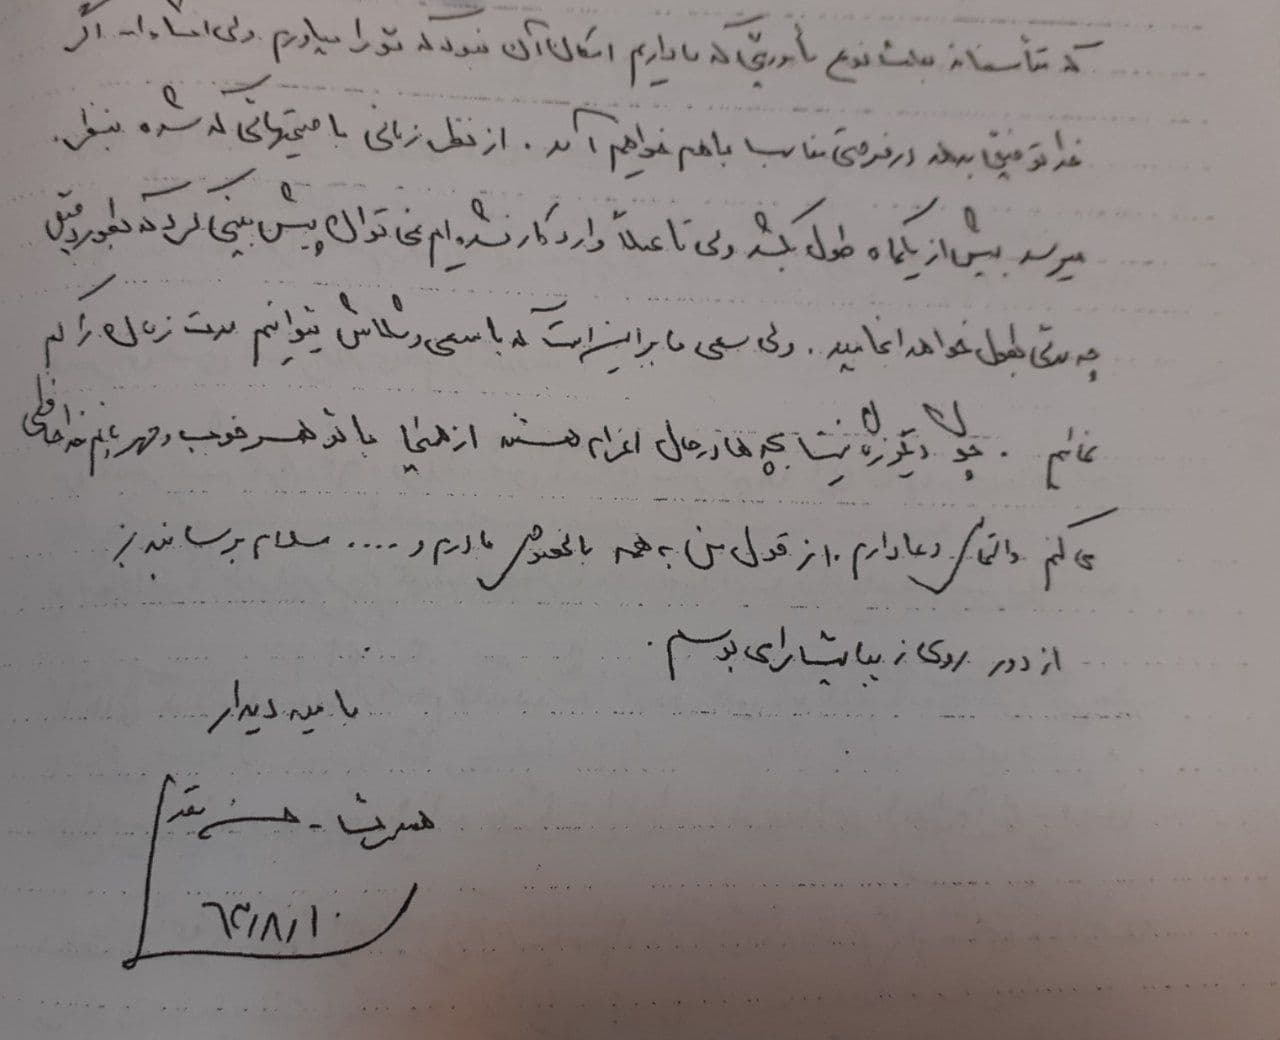 نامه طهرانی مقدم